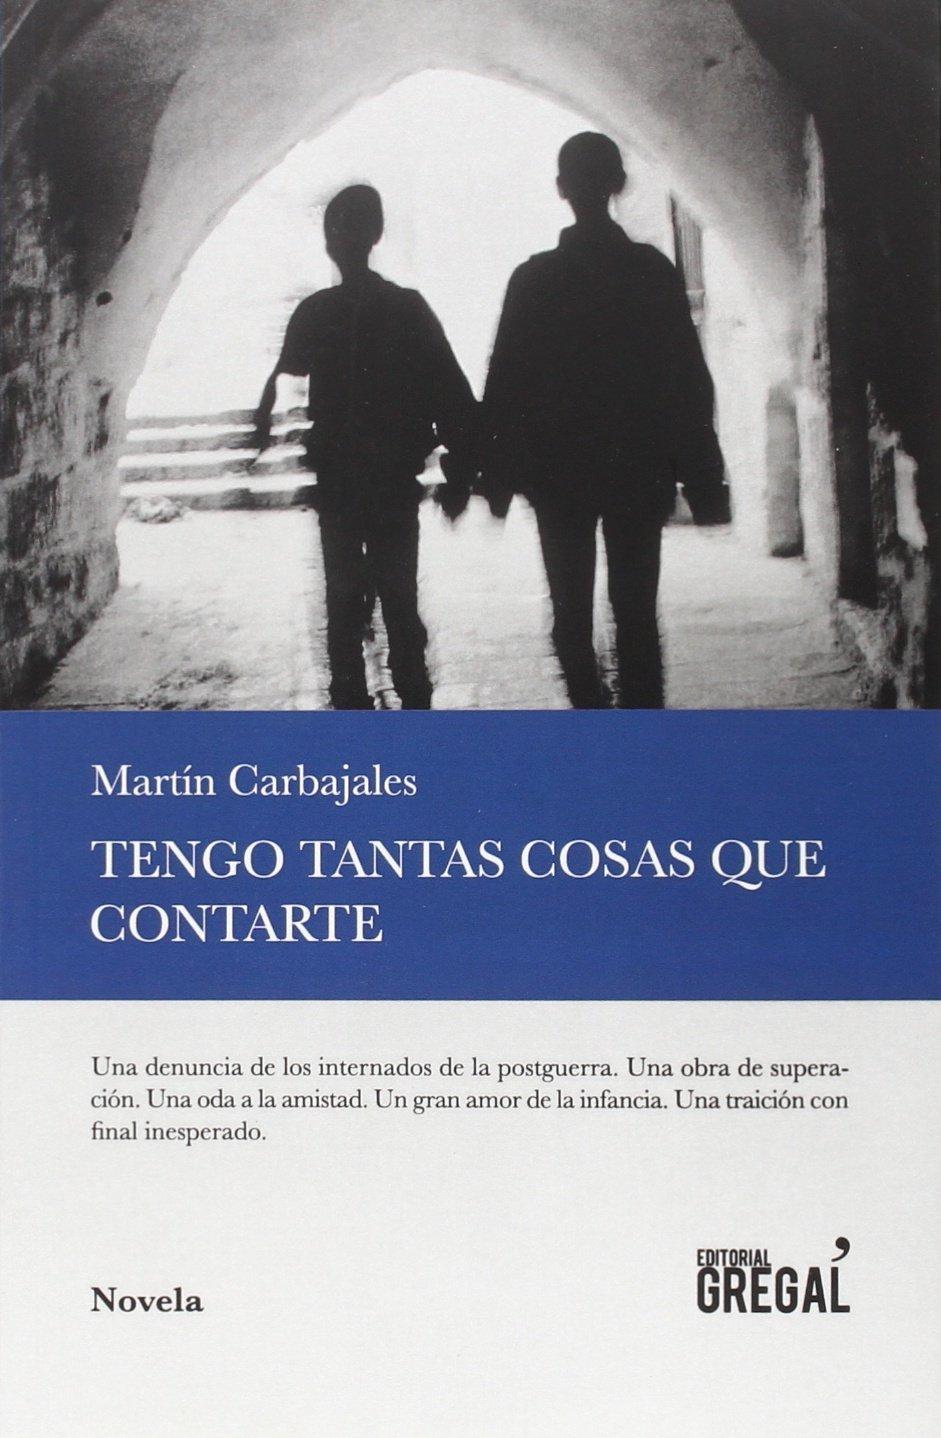 Tengo tantas cosas que contarte: Amazon.es: Martín Carbajales Najarro: Libros